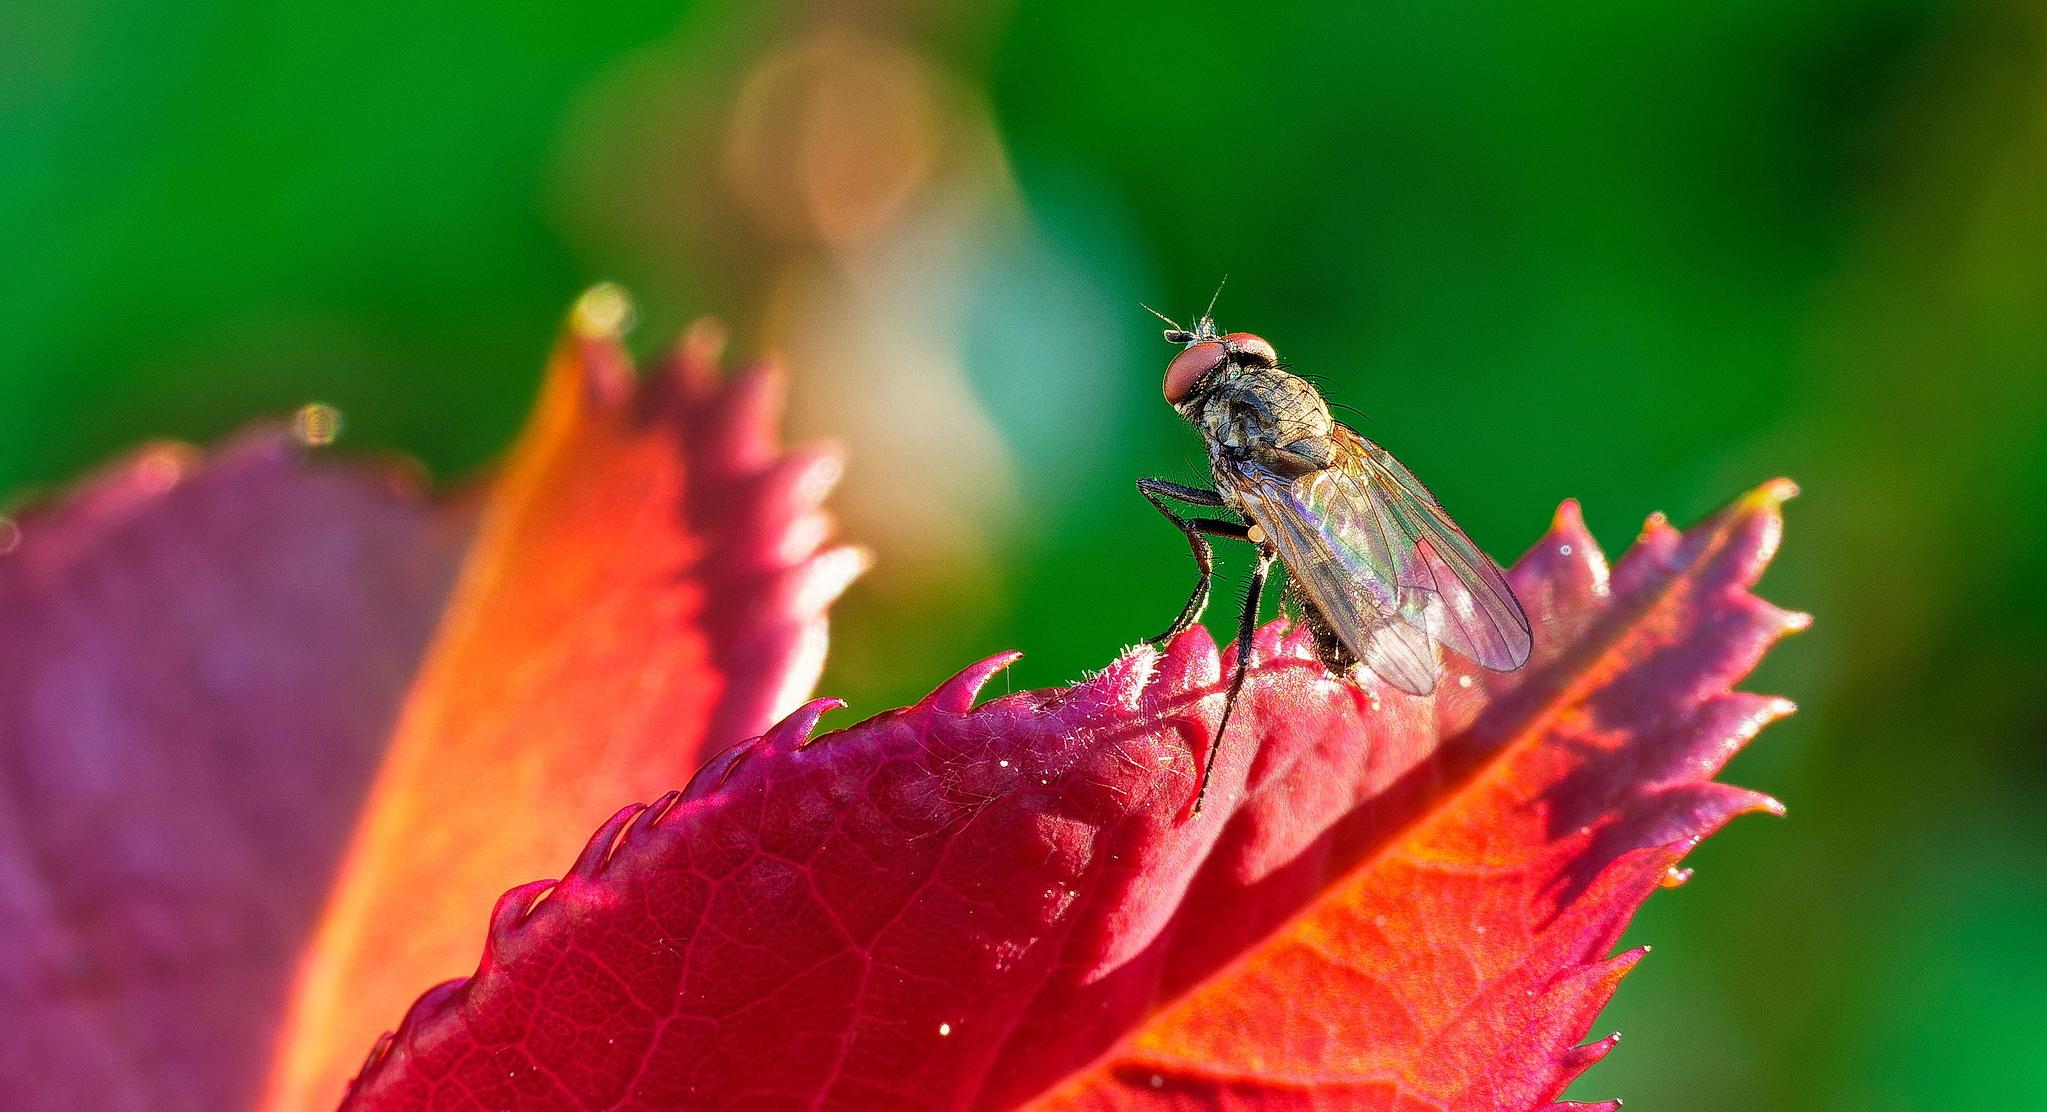 Kleine Fliege auf Blatt eines Rosenstengels